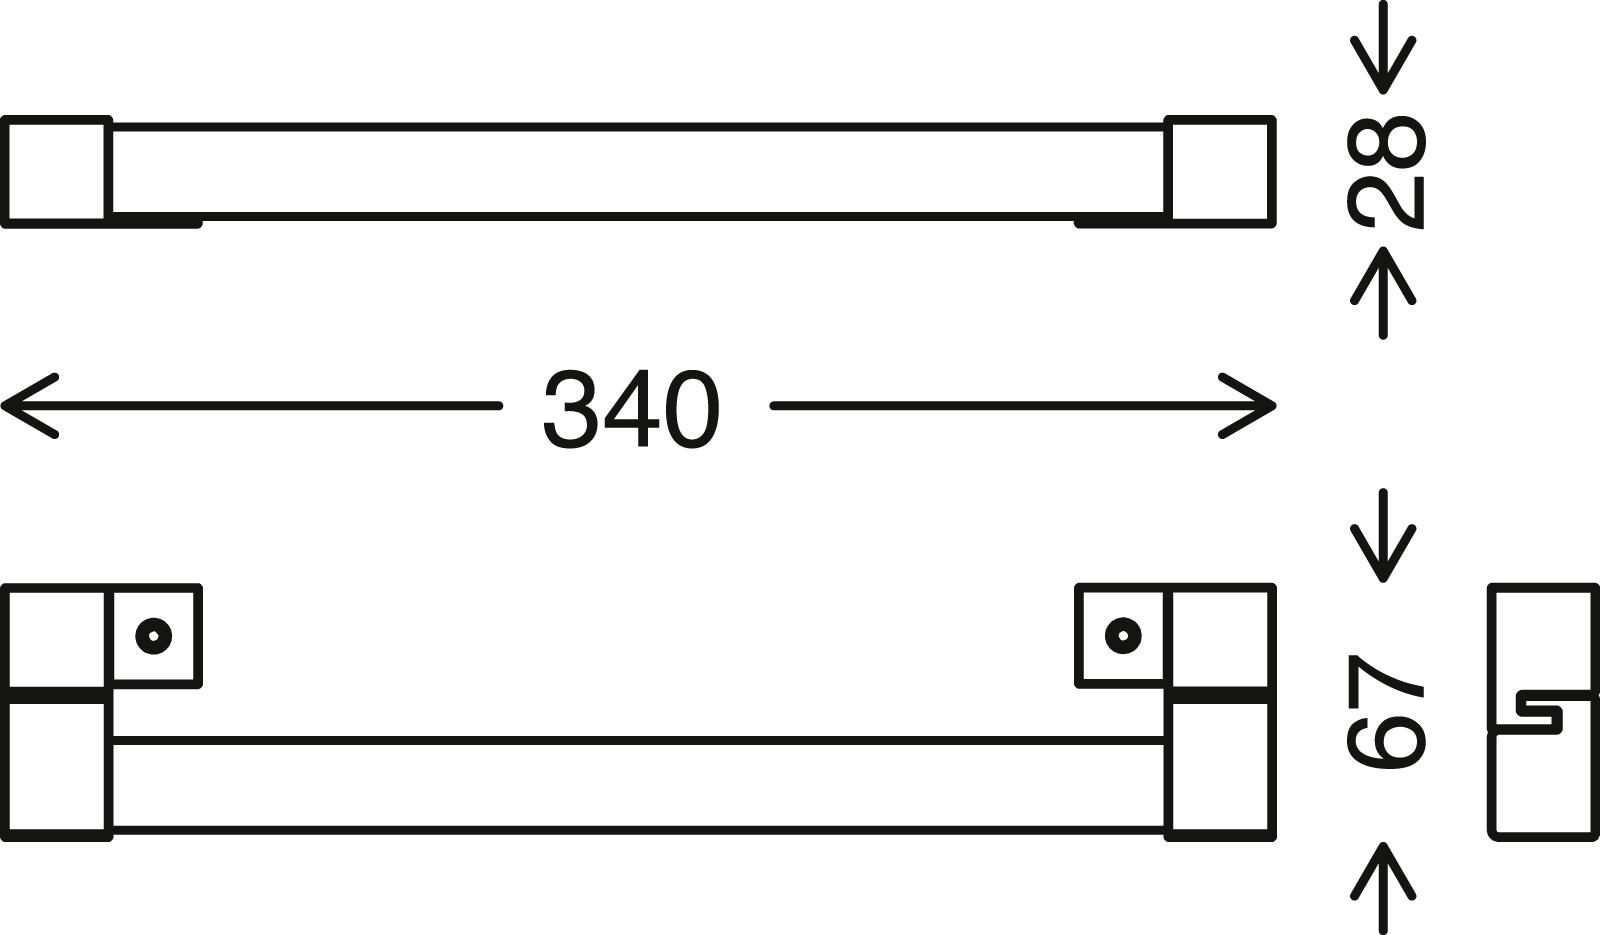 LED Spiegelleuchte, 34 cm, 8 W, Schwarz